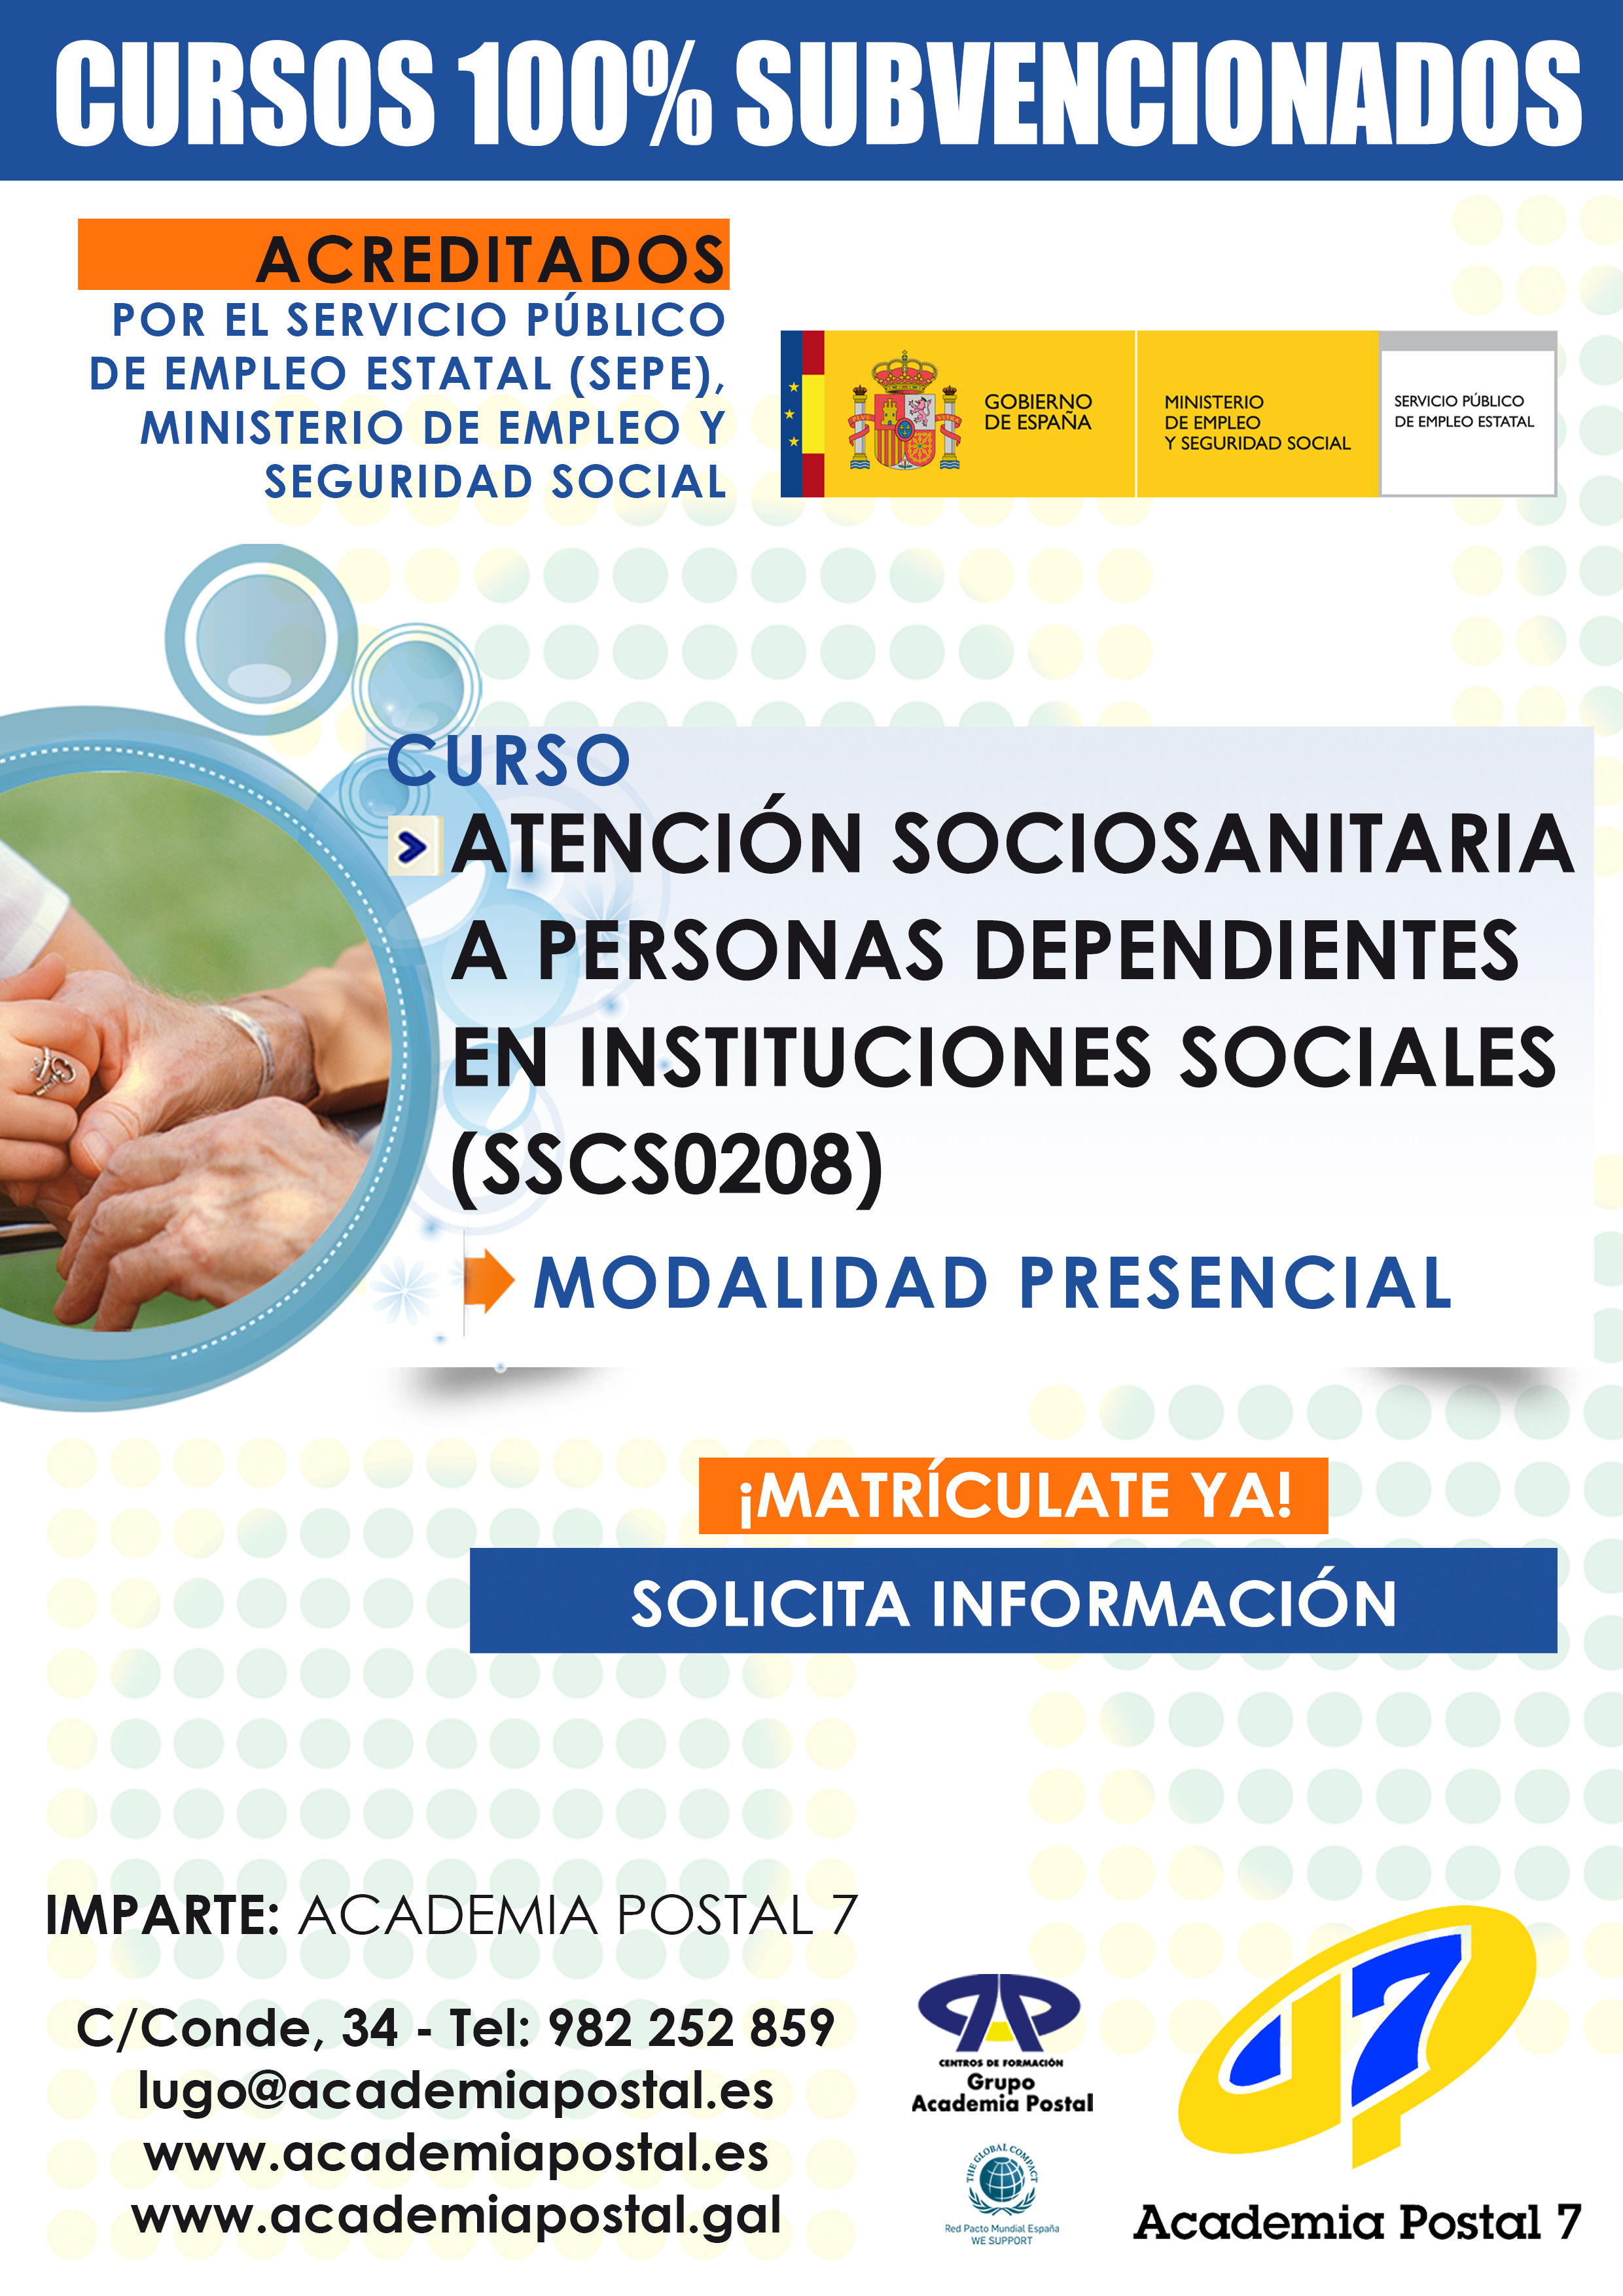 Centro Lugo Curso Presencial Certificado De Profesionalidad Nivel 2 Atencion Sociosanitaria A Personas Dependientes En Instituciones Sociales 100 Subvencionado Dirigido A Personas Trabajadoras Ocupadas Grupo Academia Postal